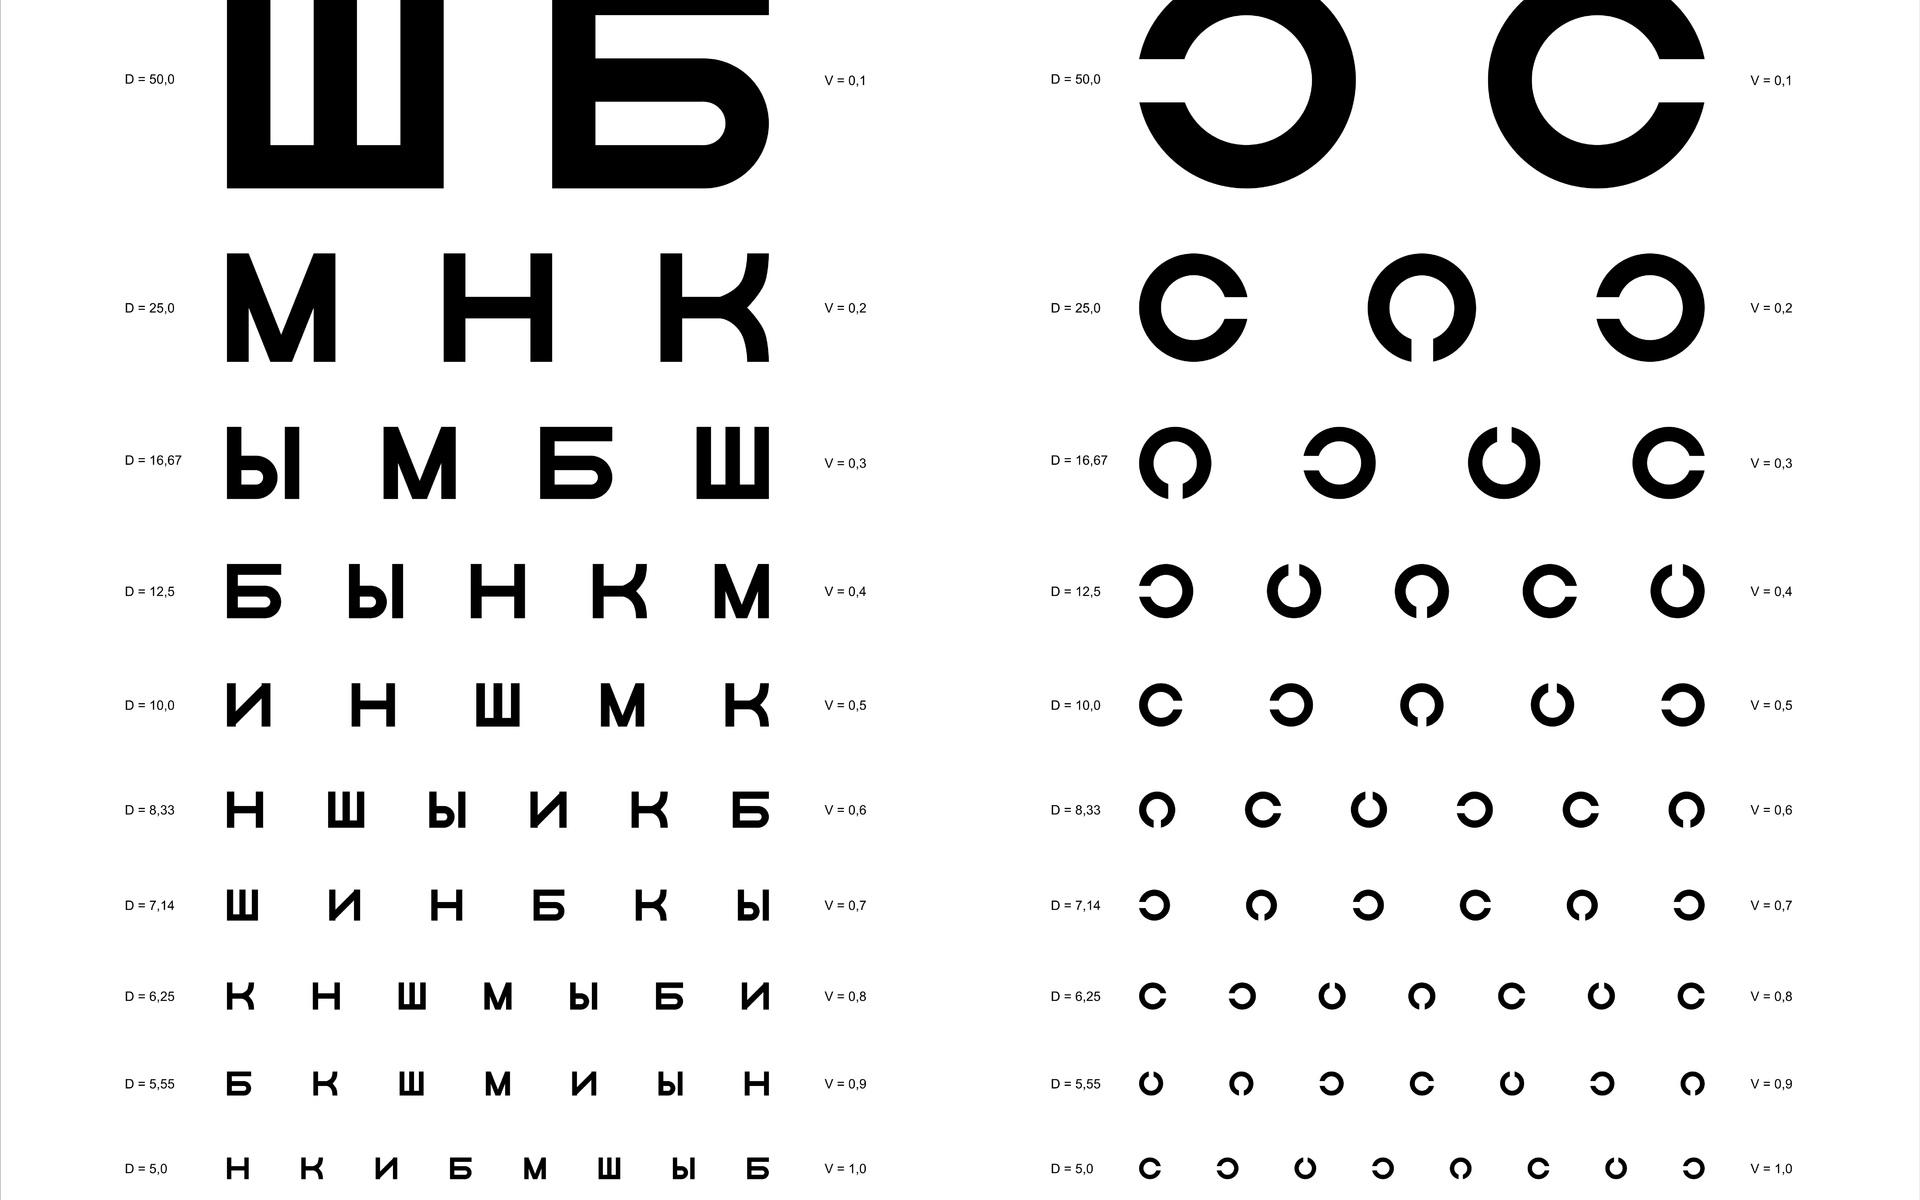 mit kell tenni a látás elvesztése érdekében mit jelent 2 dioptria a látás szempontjából